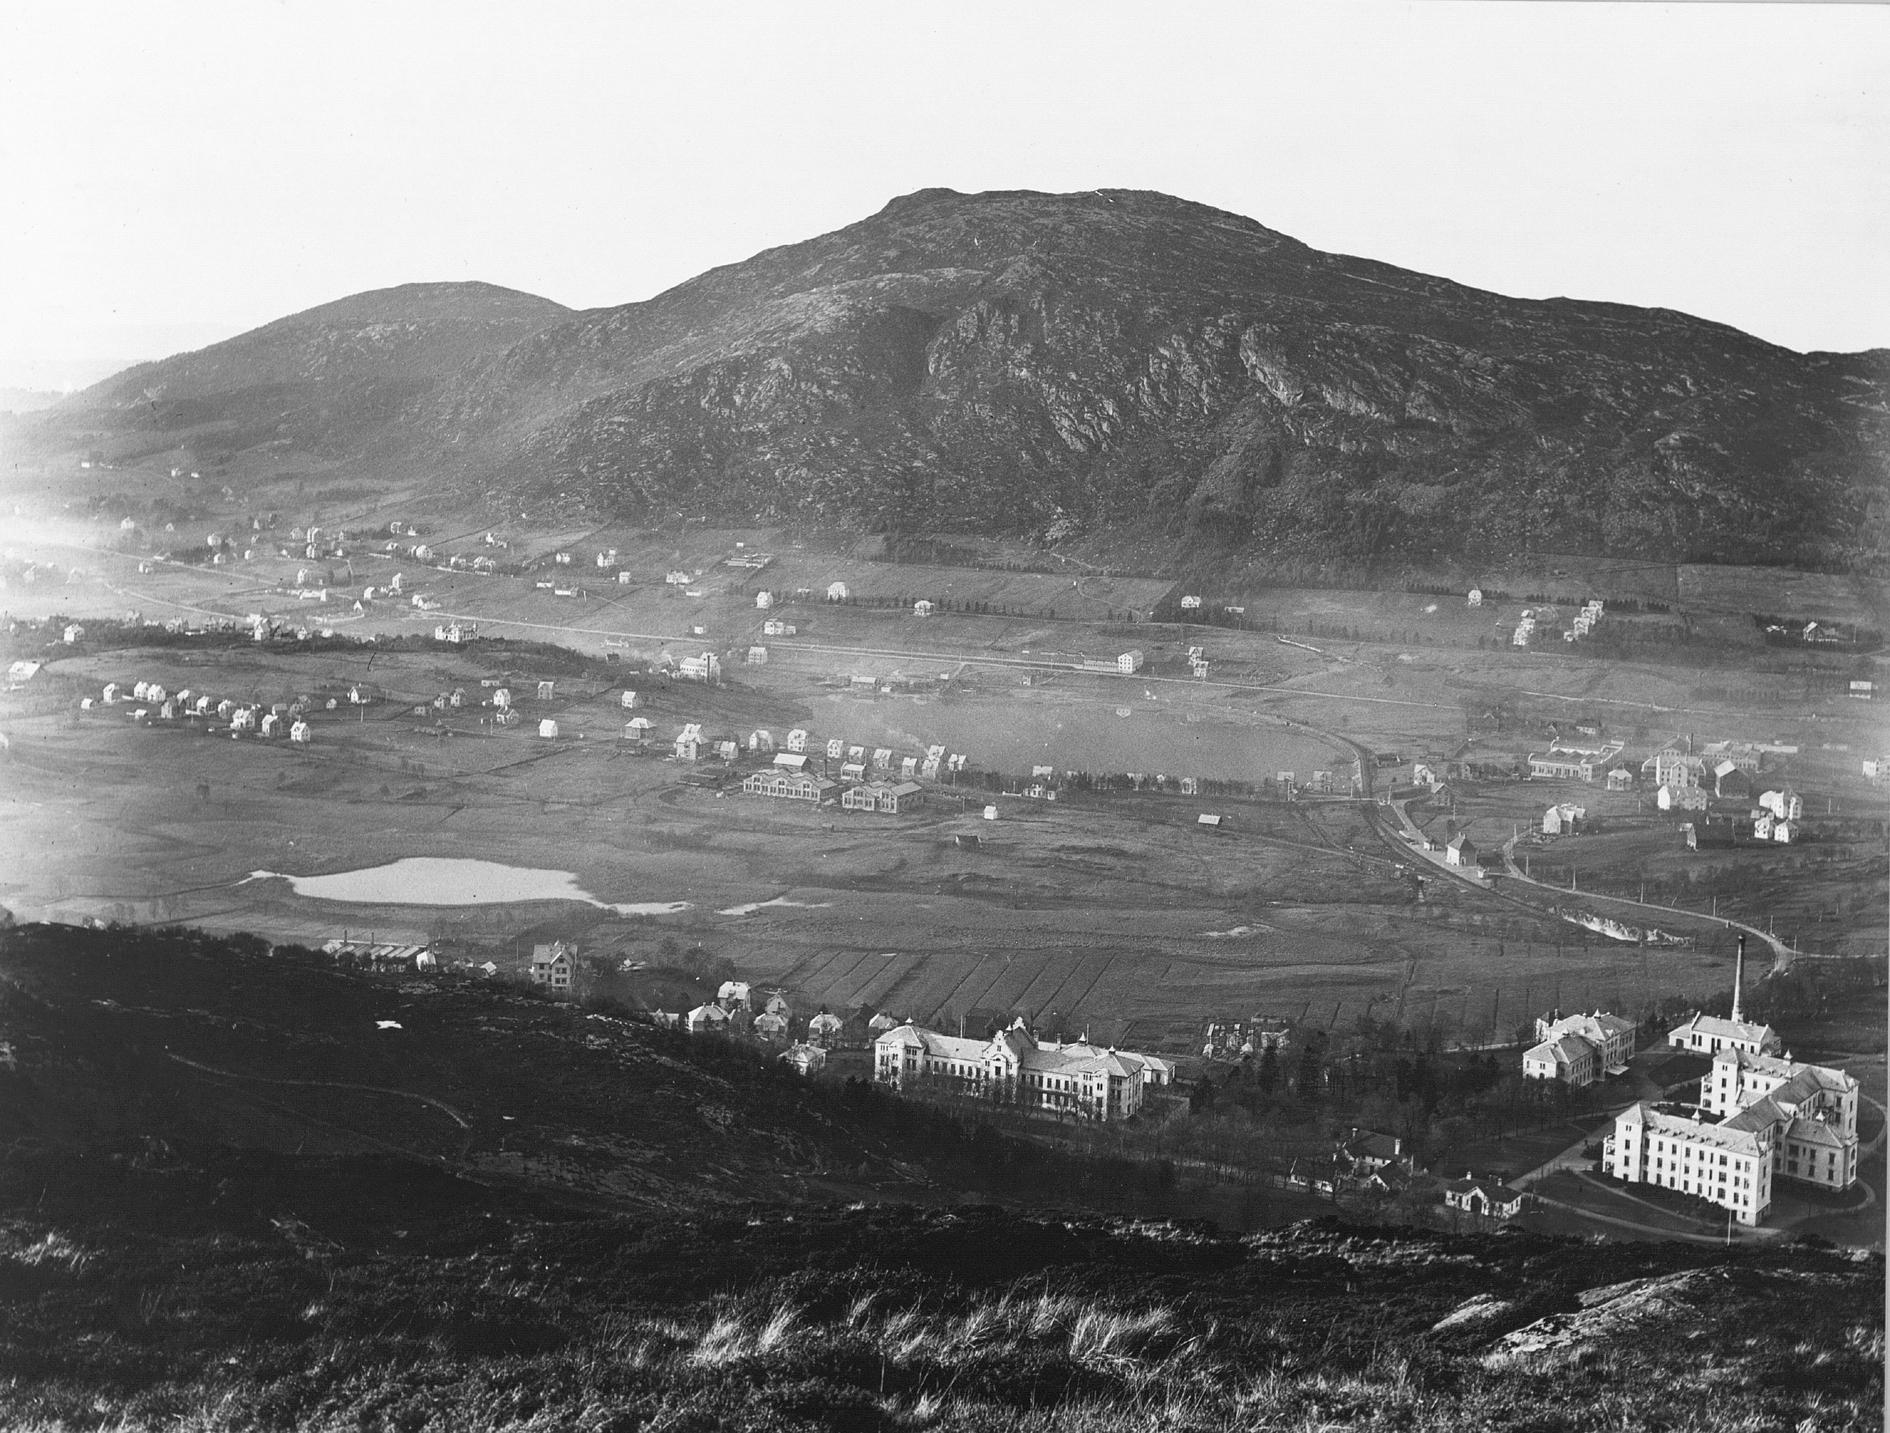 Landås, Minde og Solheim for hundre år siden. Fotograf ukjent, fra arkivet etter Solhaug skole. Fotografiet er utlånt fra Bergen Byarkiv.